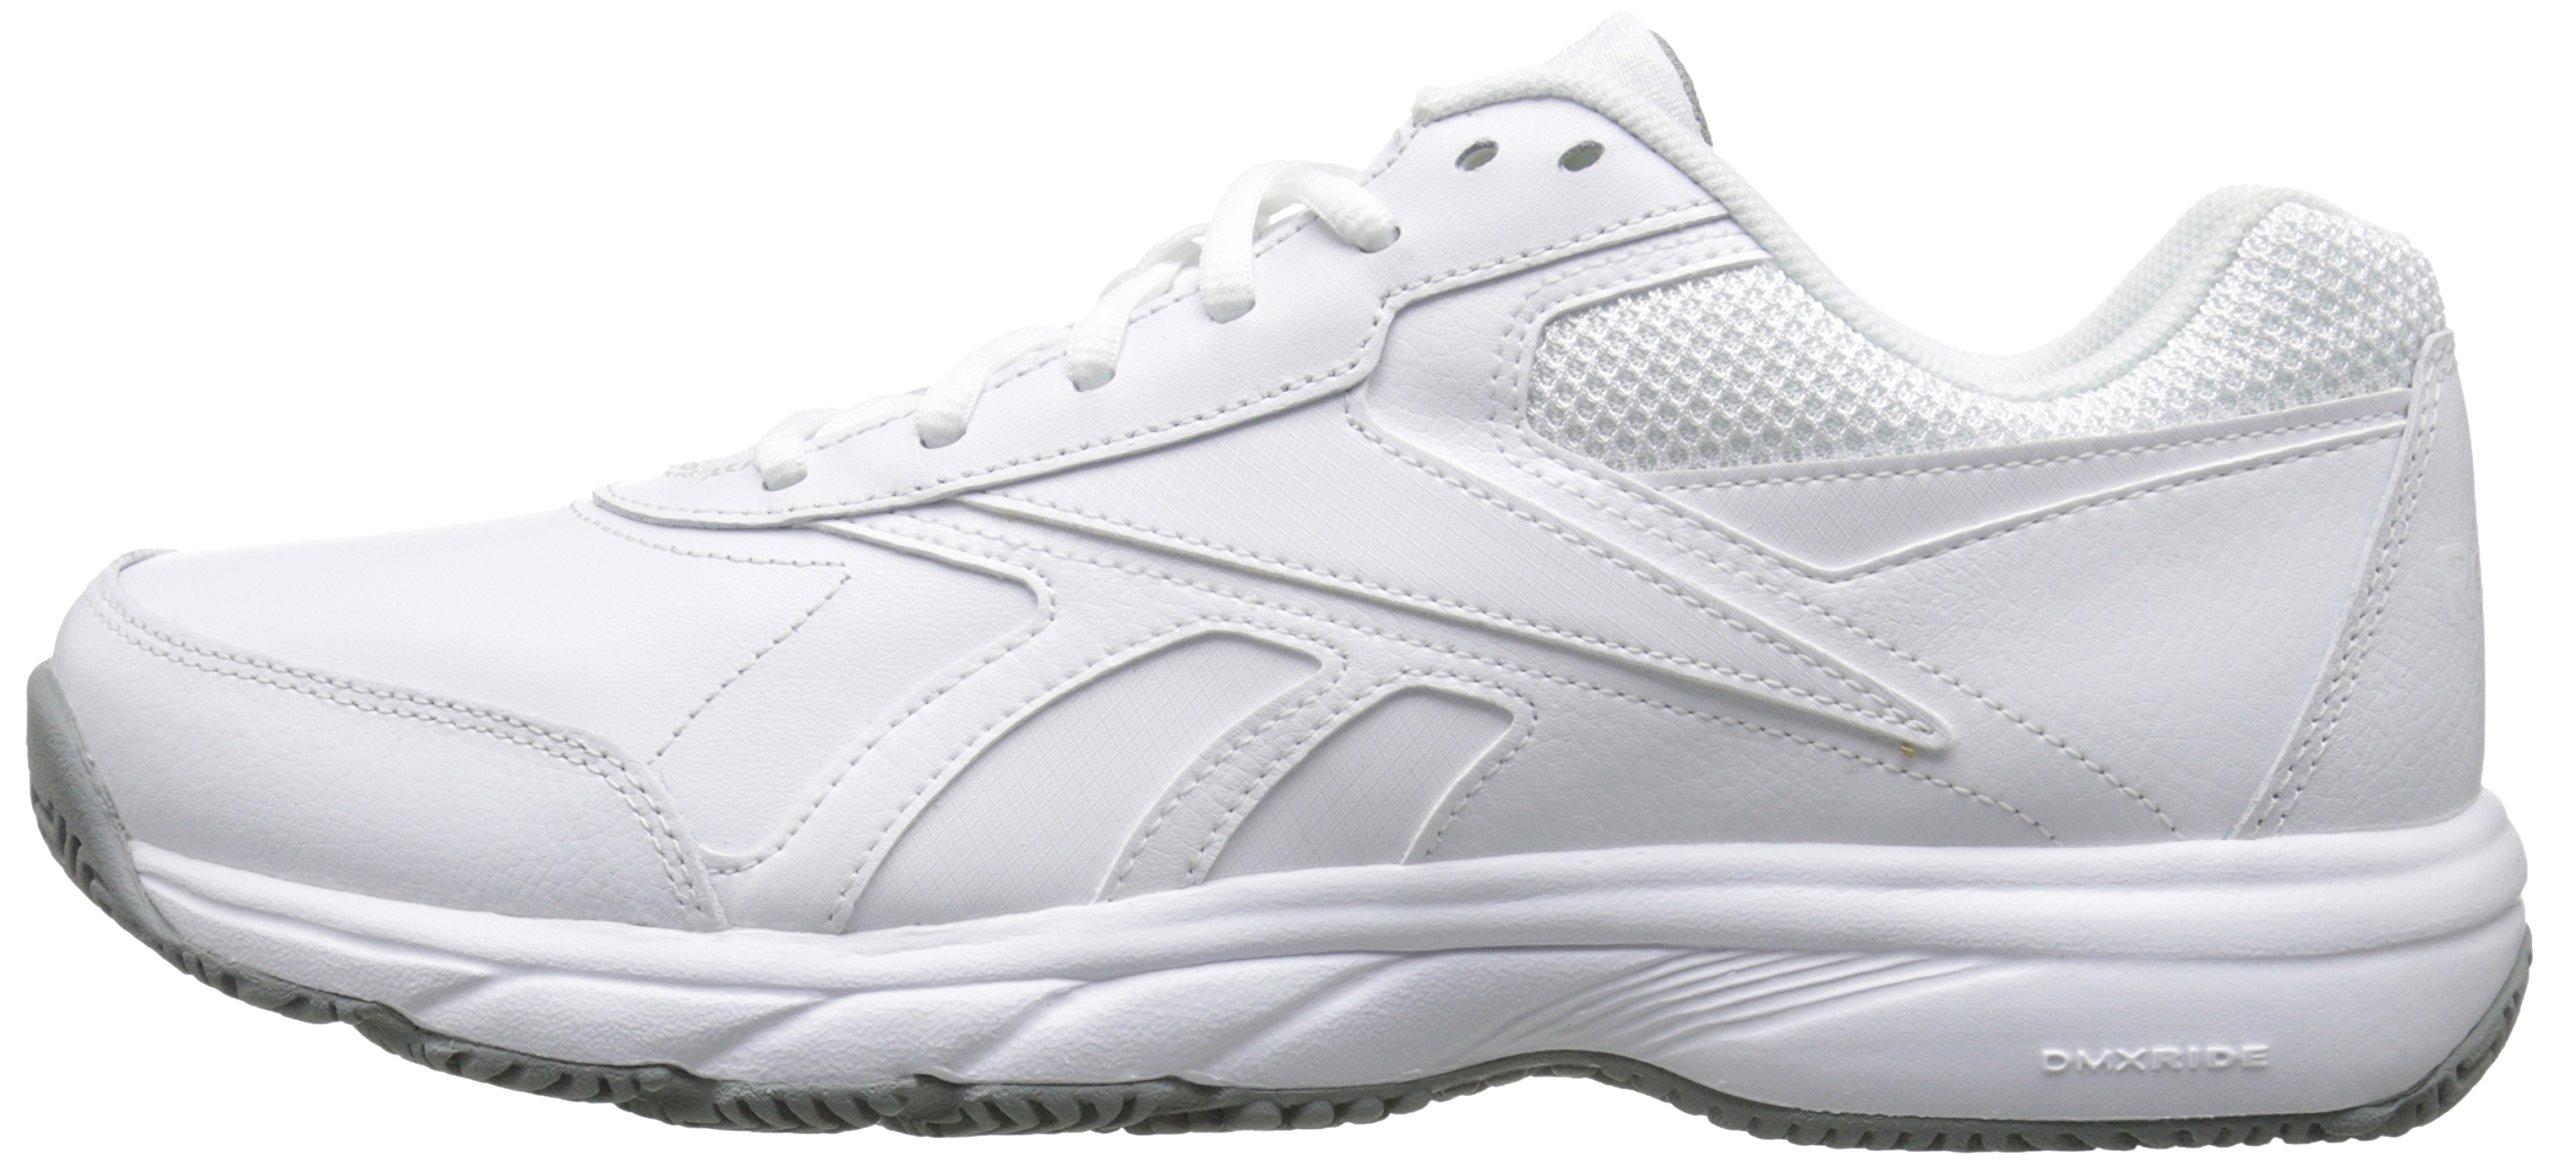 1bd85512c842 Reebok Men s Work N Cushion 2.0 Walking Shoe